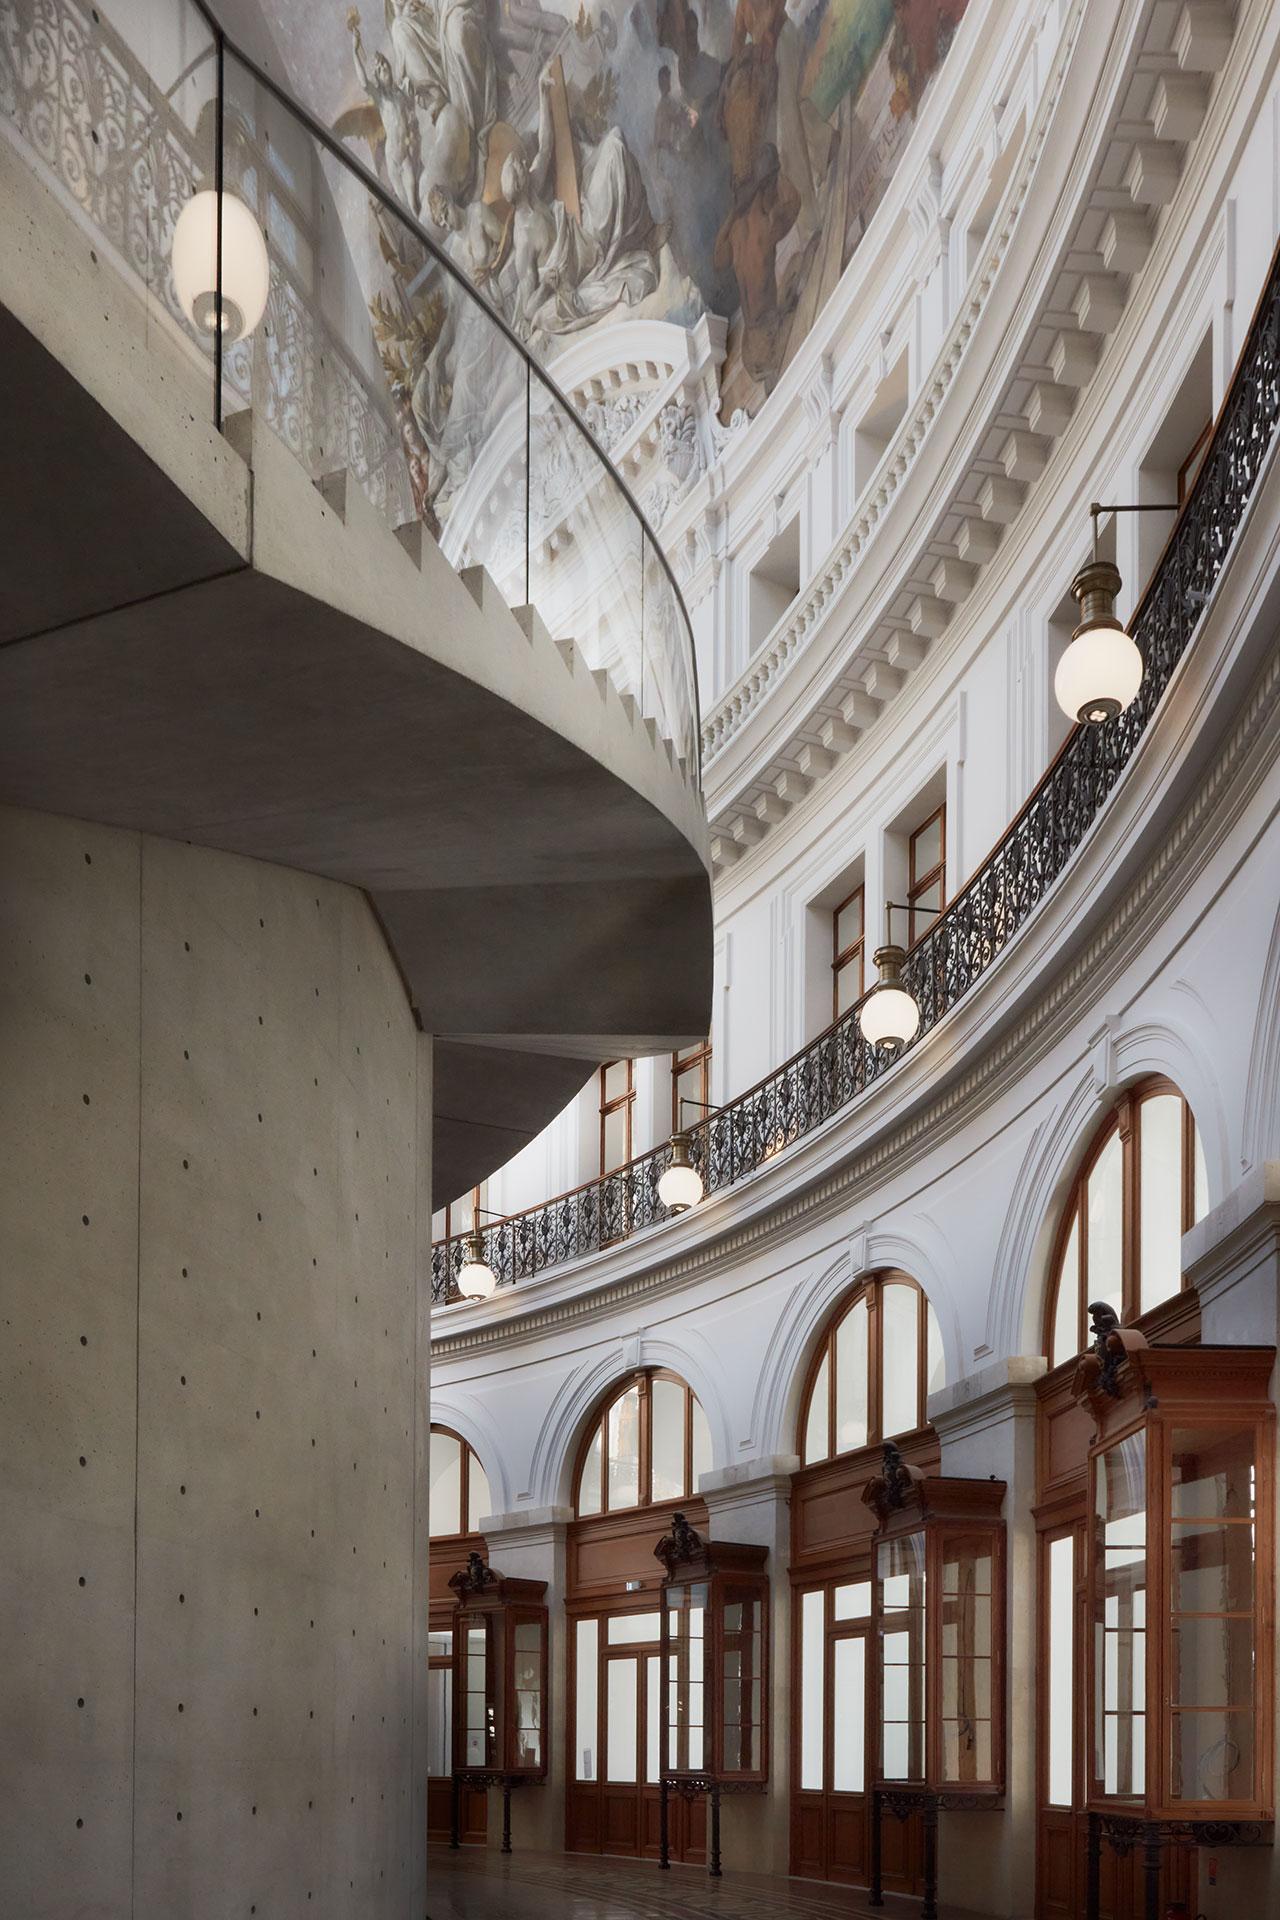 Bourse de Commerce — Pinault Collection © Tadao Ando Architect & Associates, Niney et Marca Architectes, Agence Pierre-Antoine Gatier. Photography byMaxime Tétard.